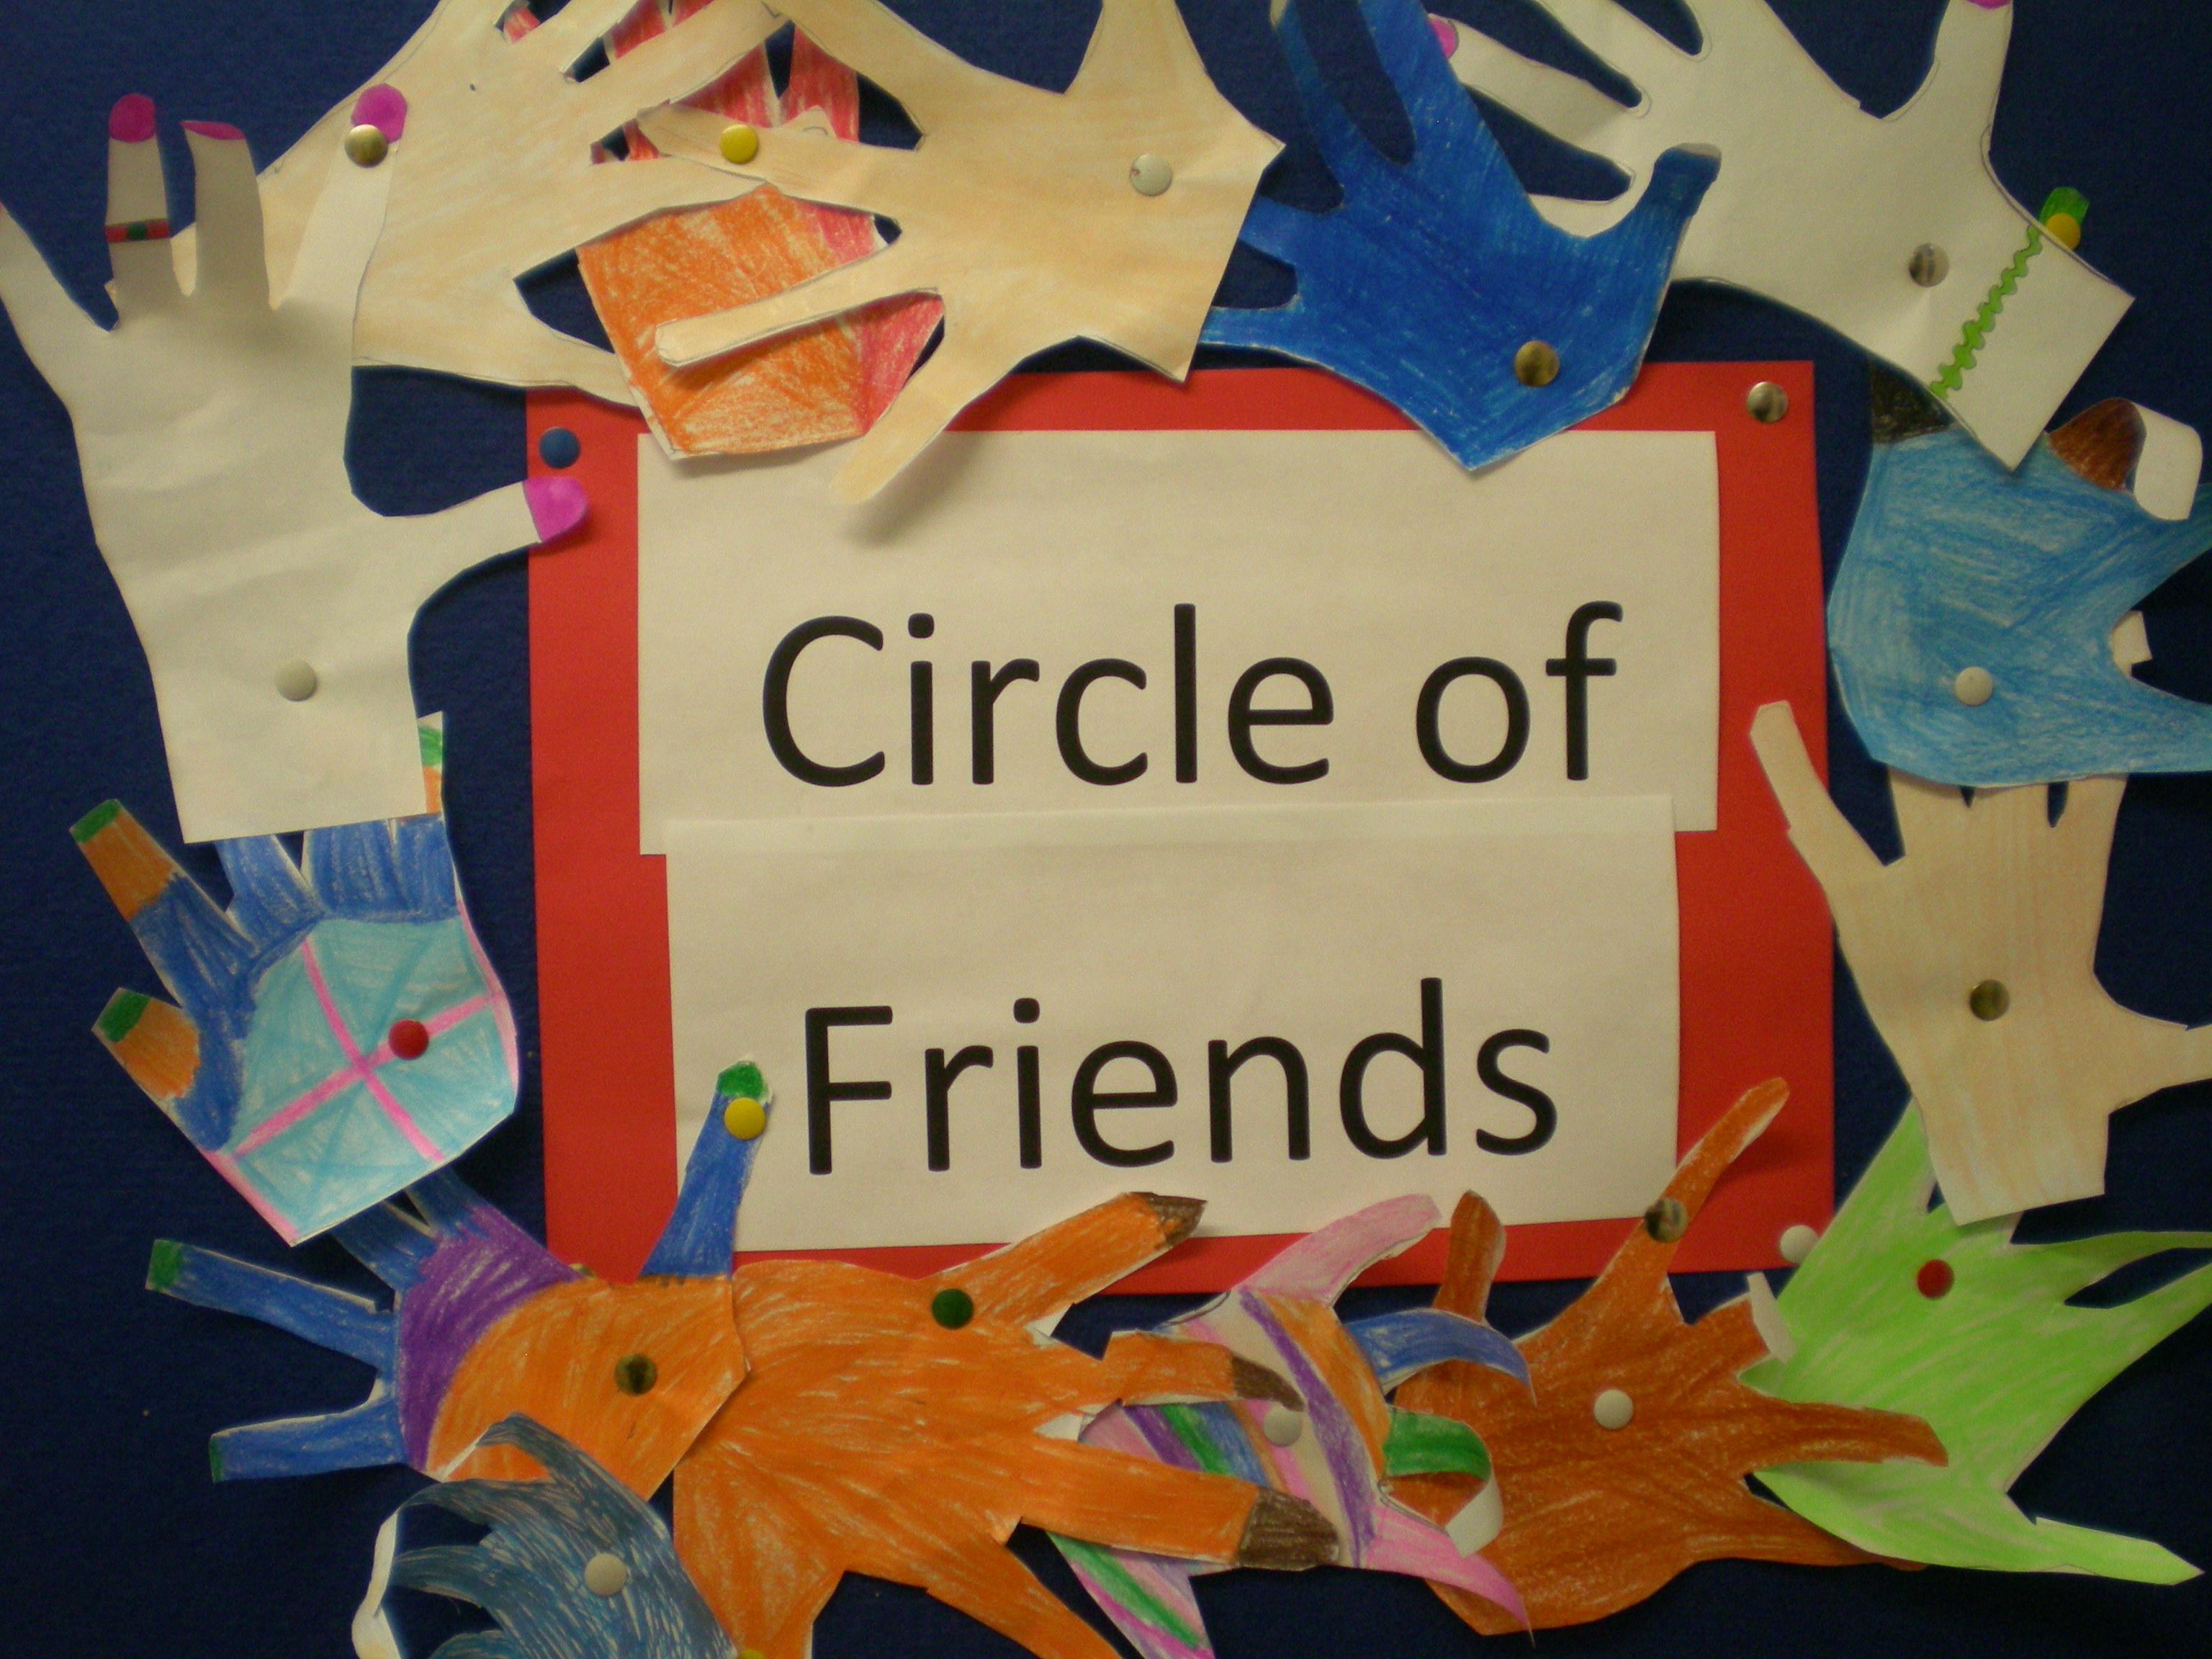 Friendship Week Activities October 13